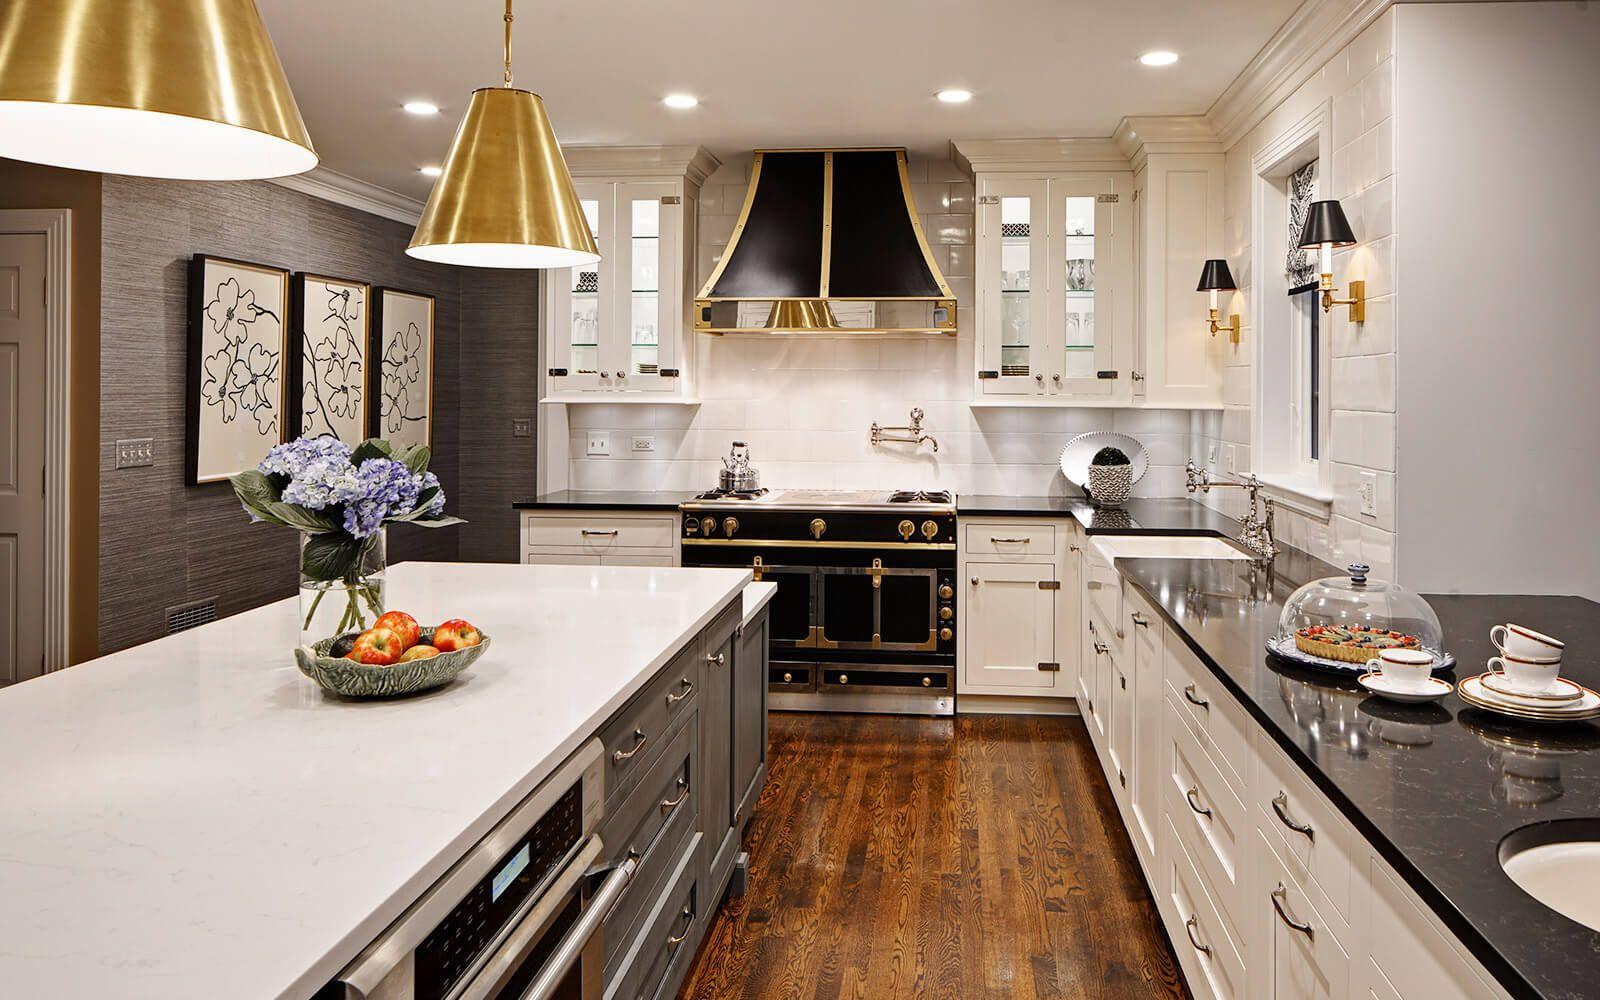 Gorgeous custom Grabill kitchen designed by Drury Design ...